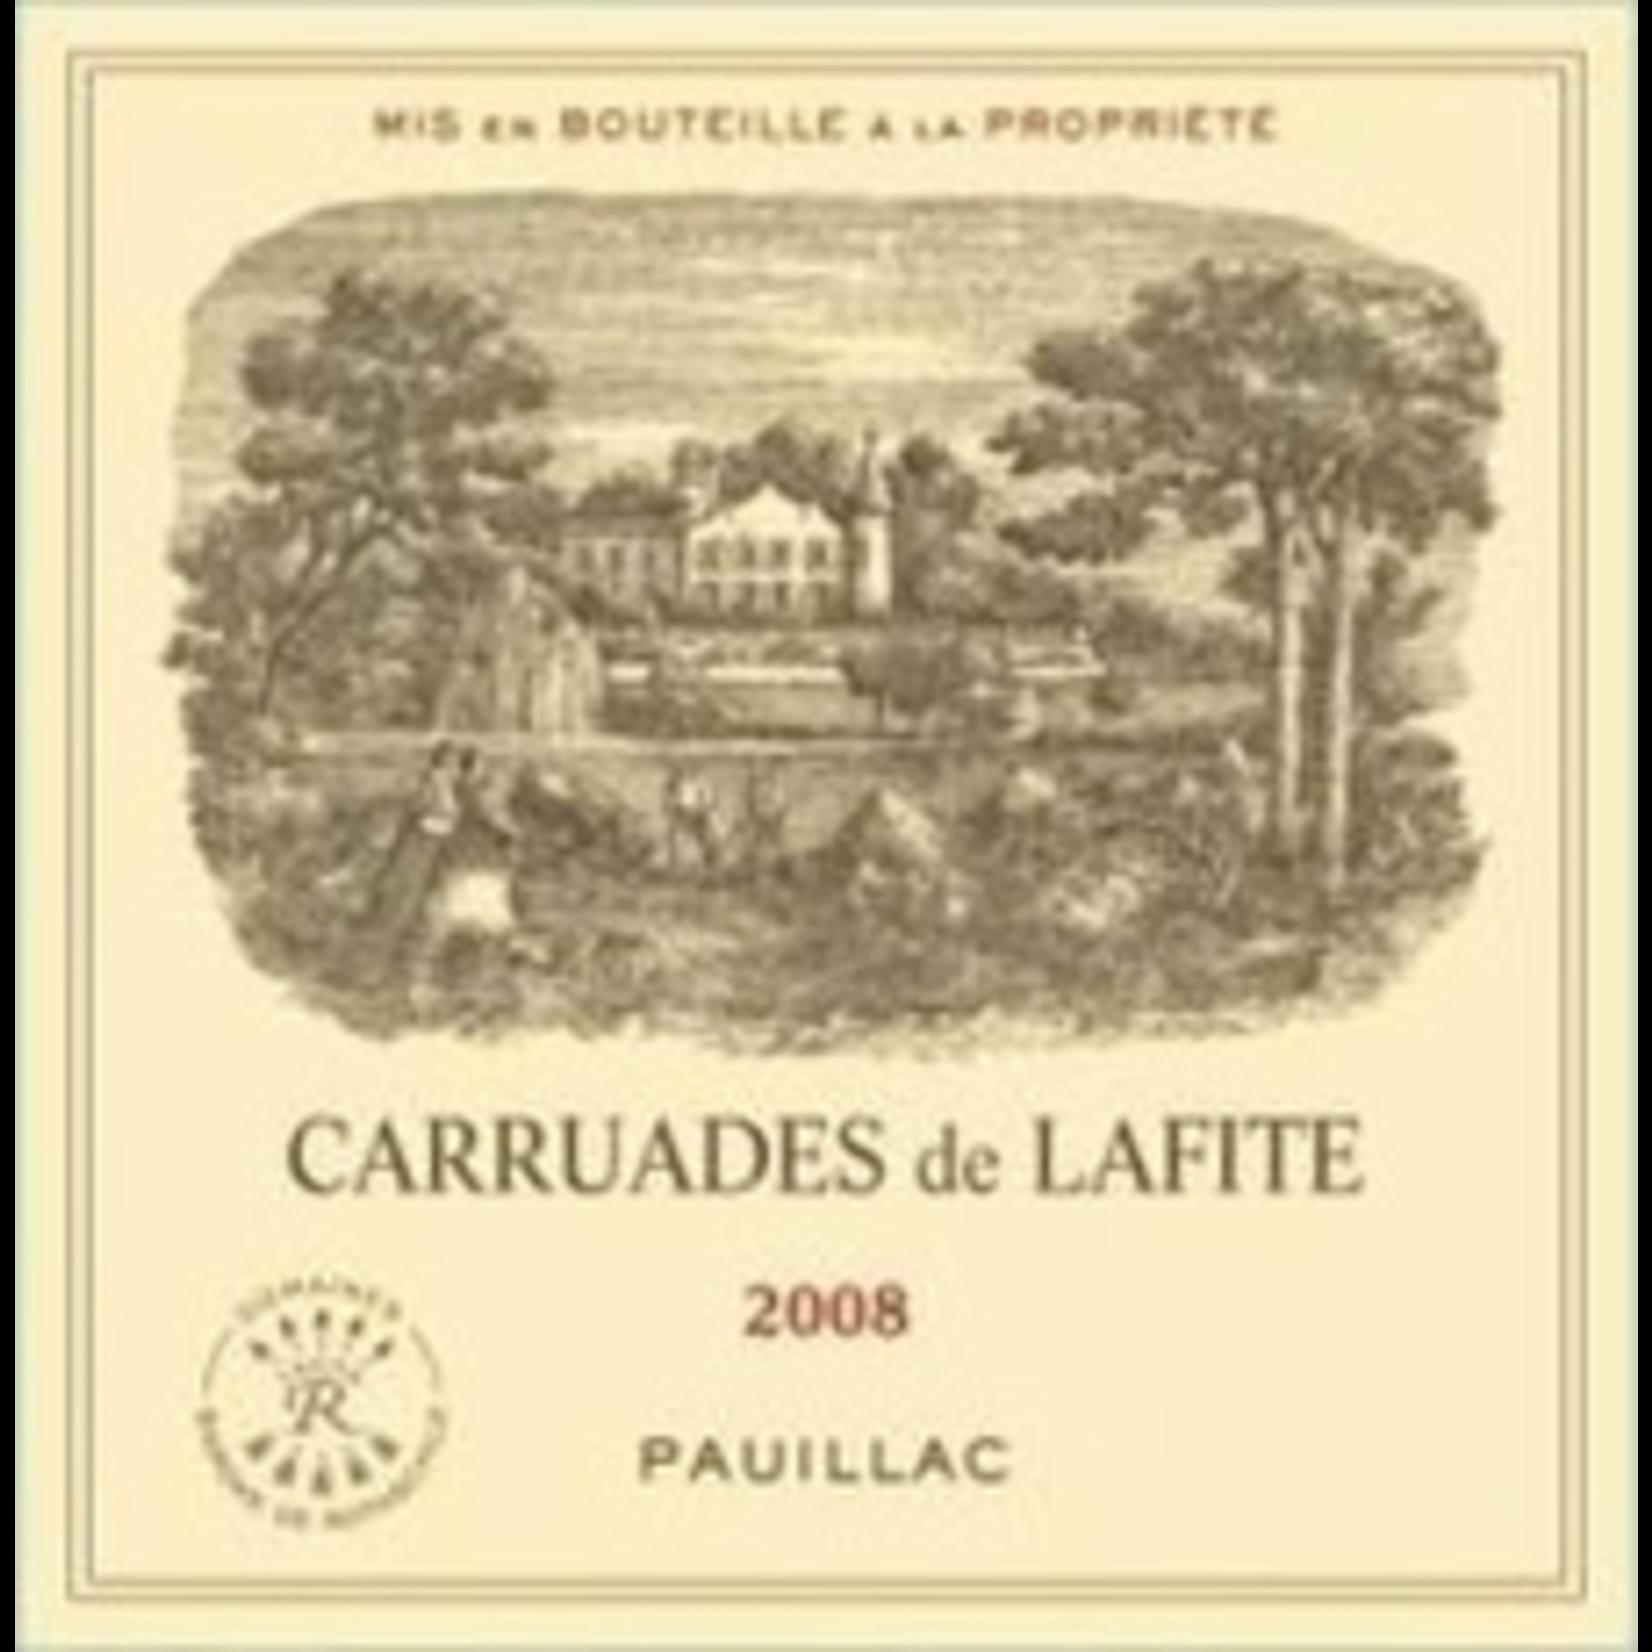 Wine Carruades de Lafite 2008